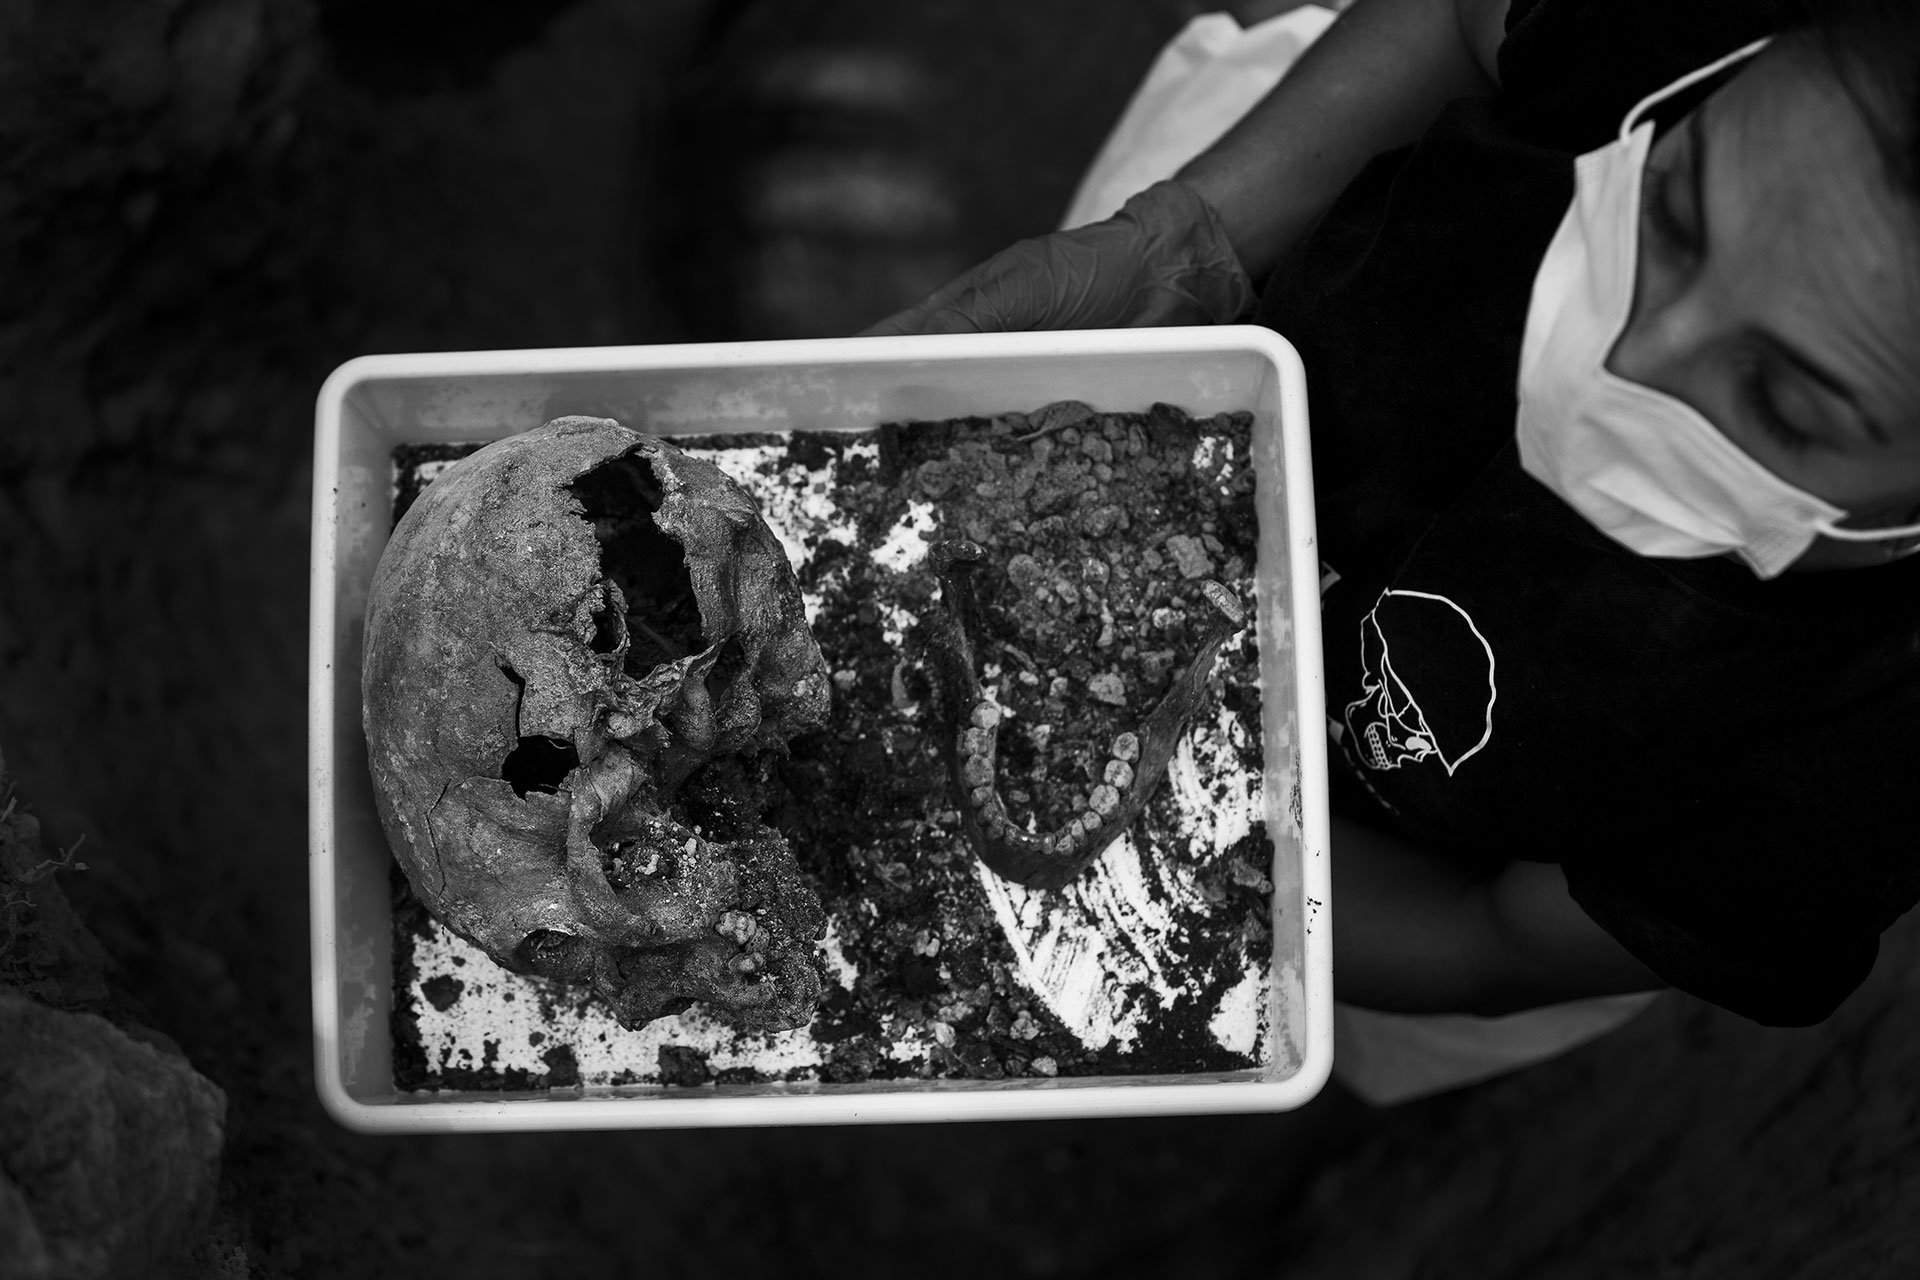 Una forense sostiene un cráneo con un impacto de bala encontrado en la fosa 113 del cementerio de Paterna, Valencia, en junio de 2017.